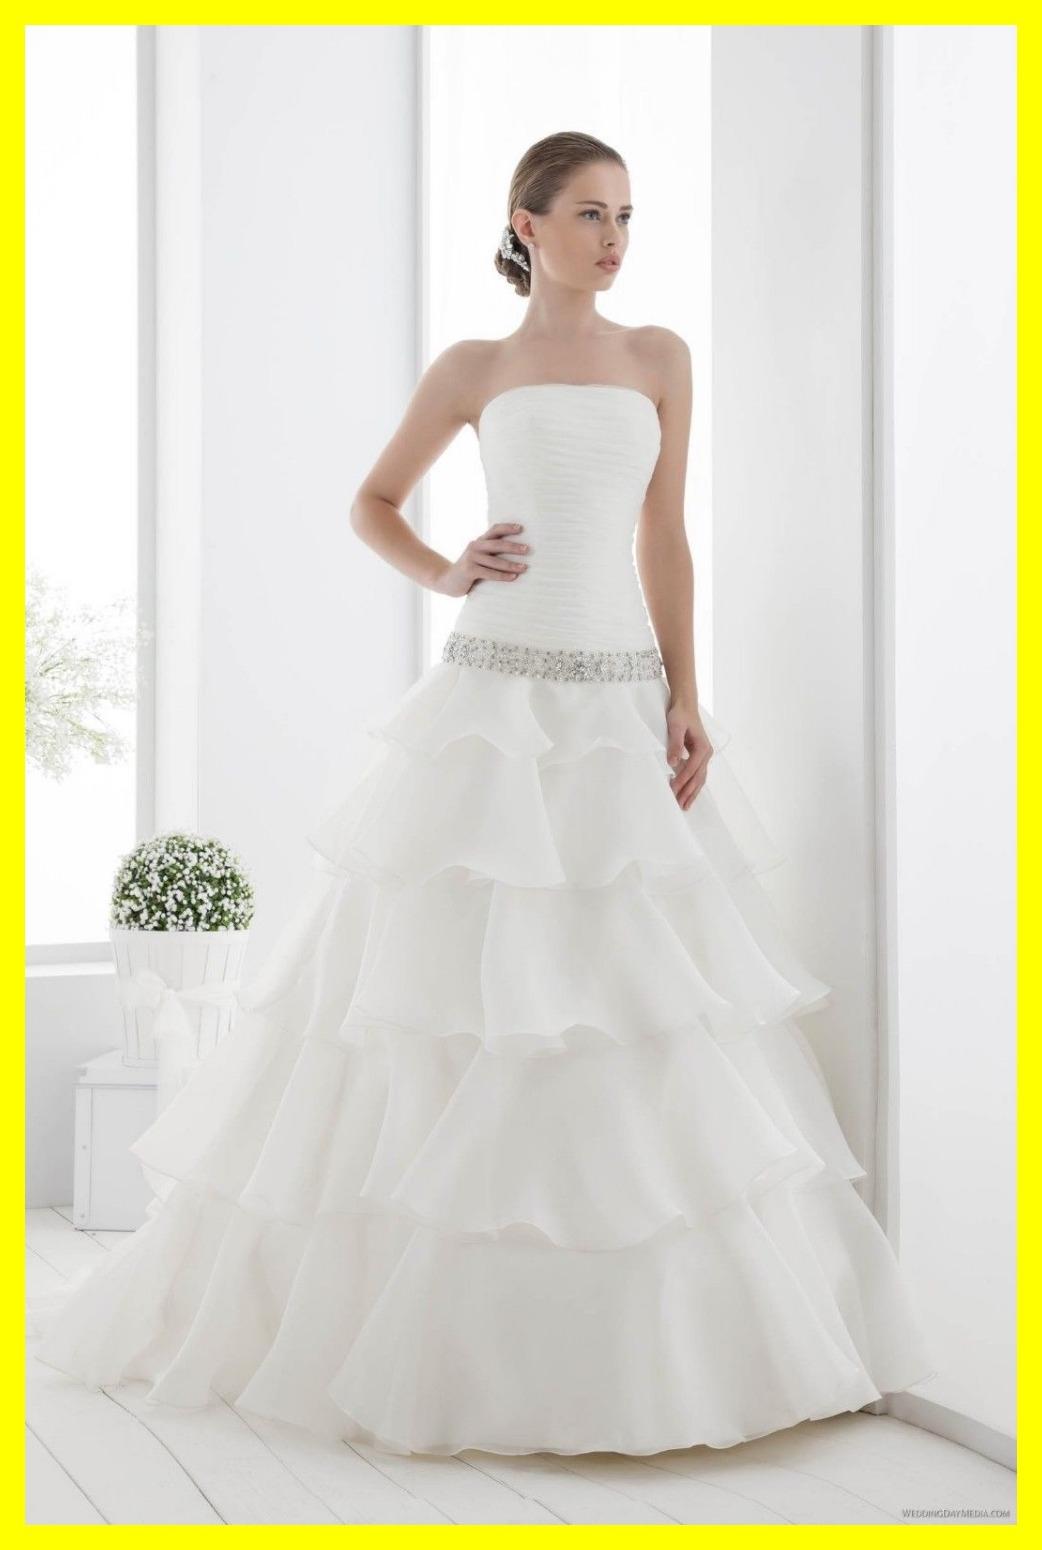 Wedding dresses for short women black dress high street for Short casual beach wedding dresses